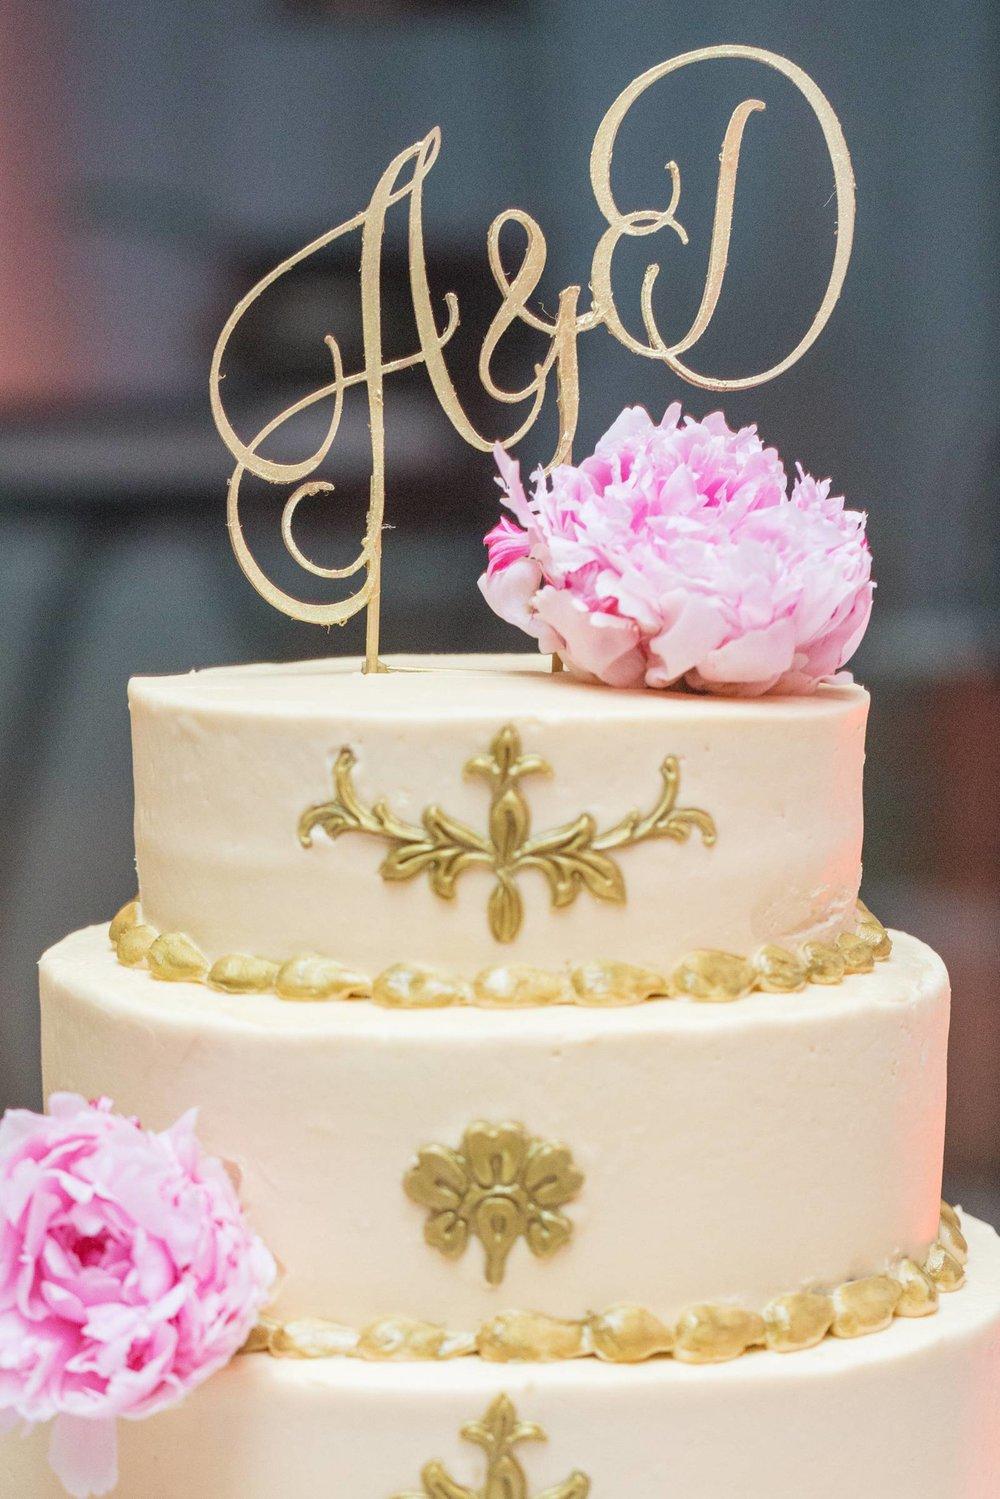 ayesha cake 2.jpg